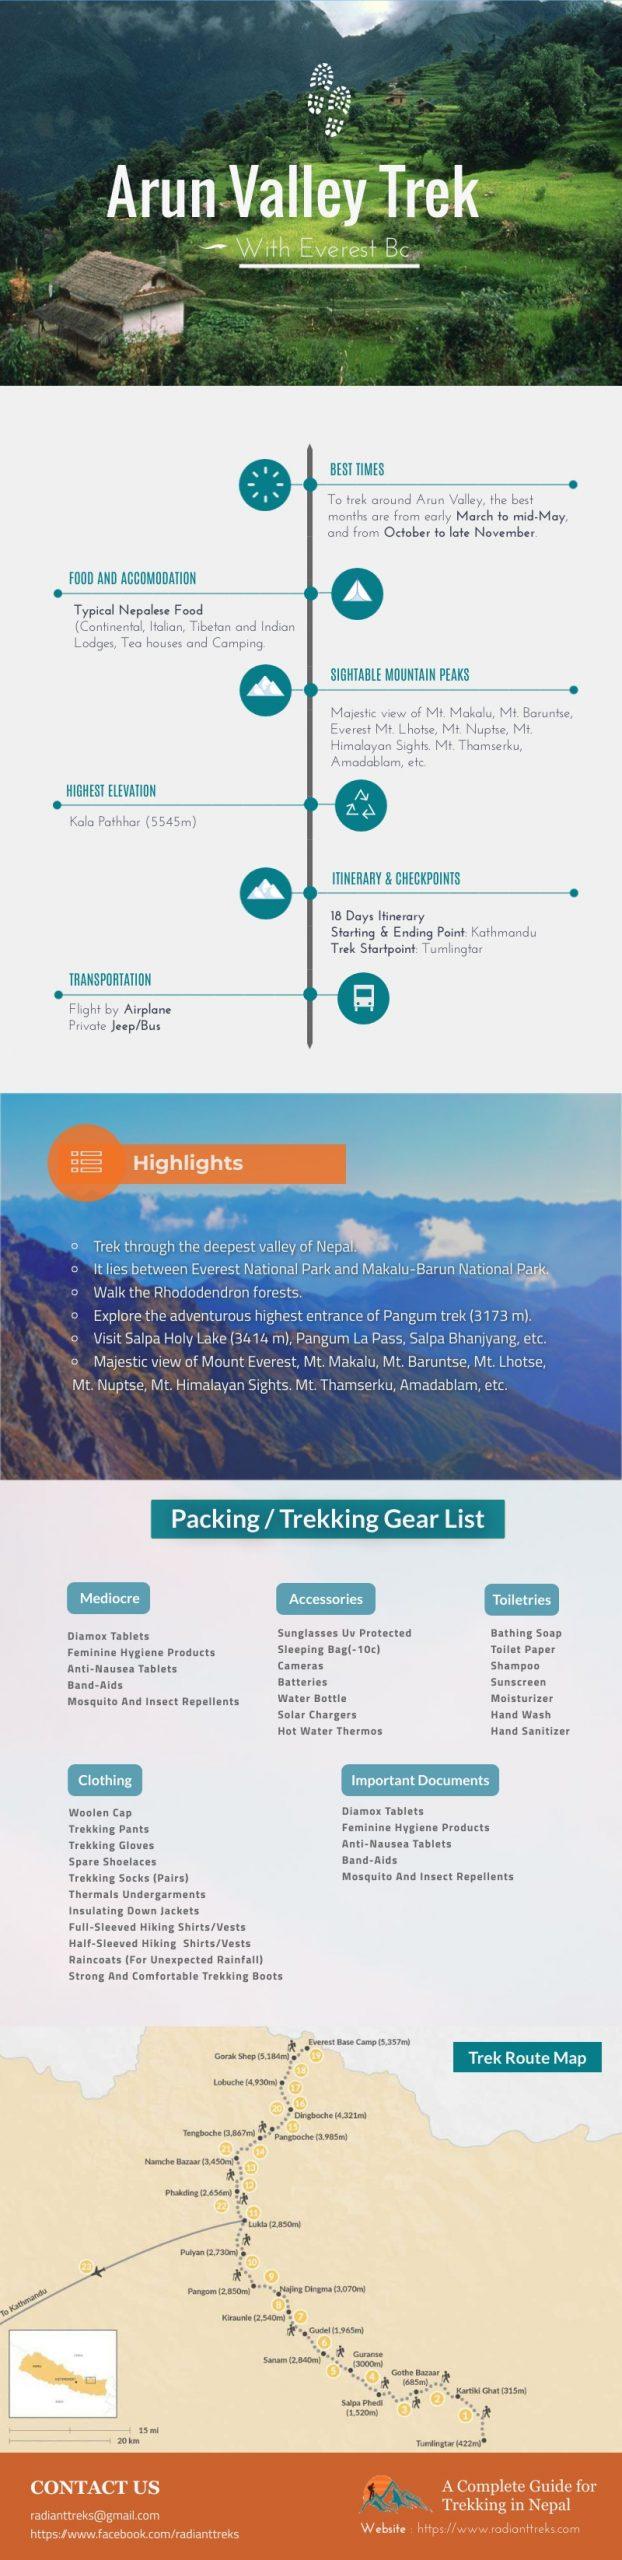 Arun Valley Trek with Everest Base Camp Trek